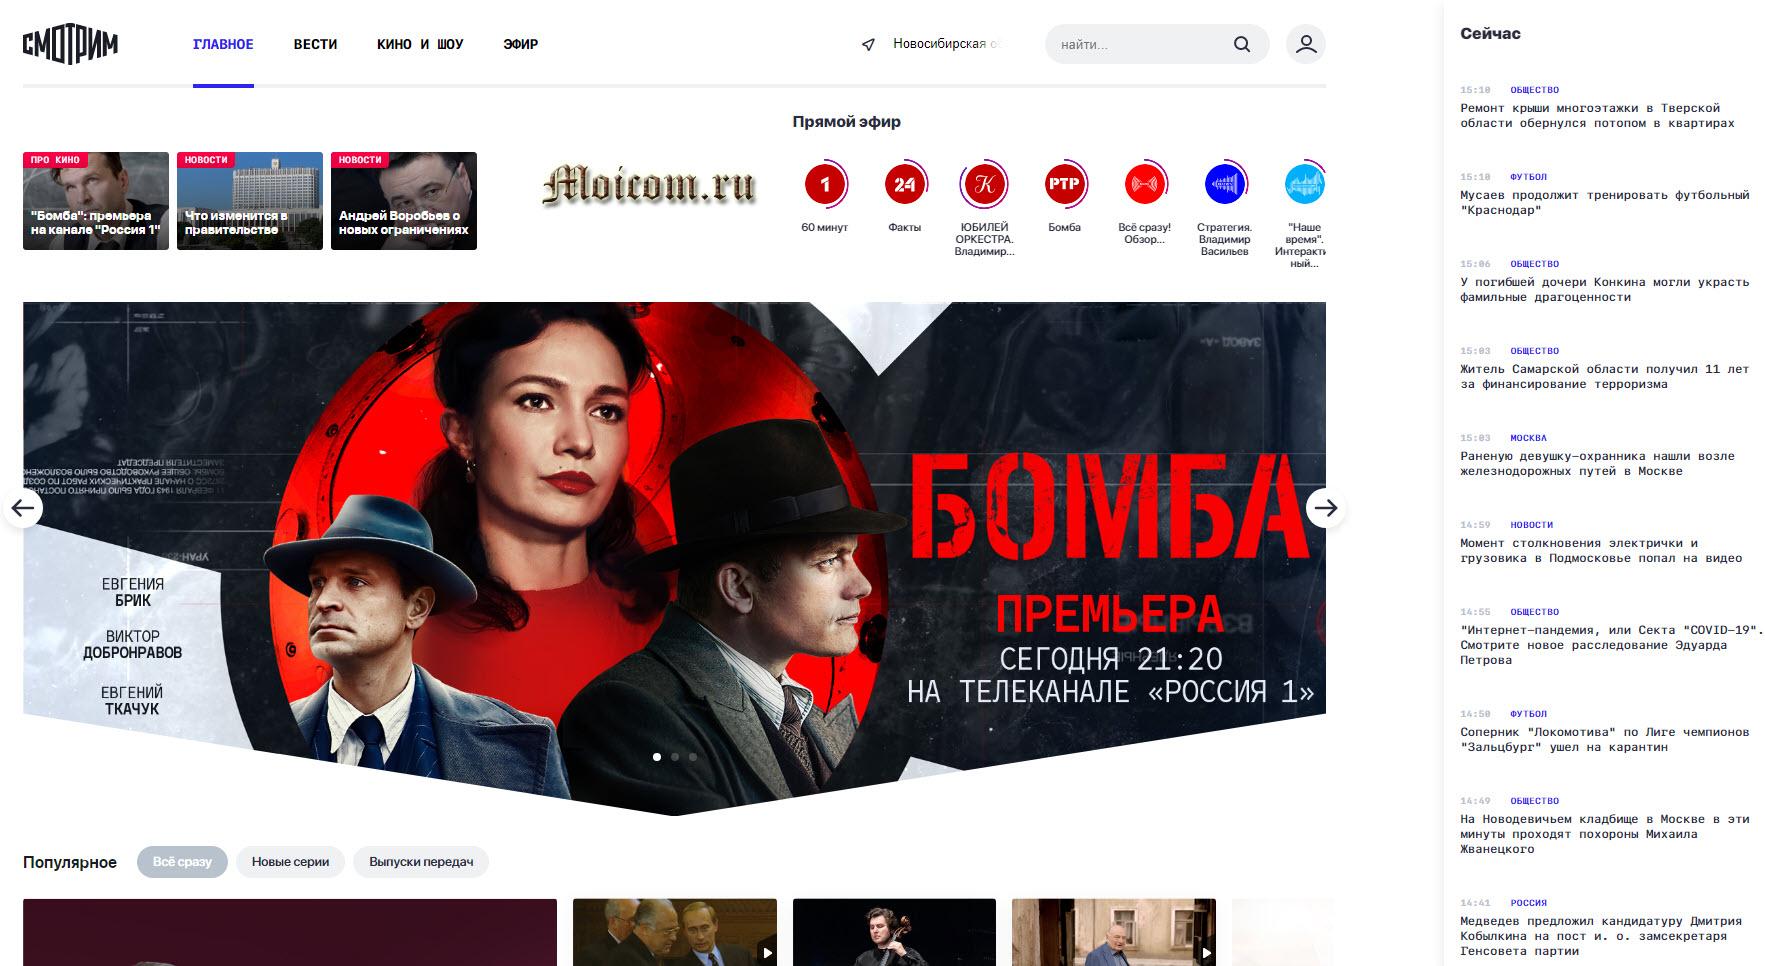 Сайт smotrim.ru - главная